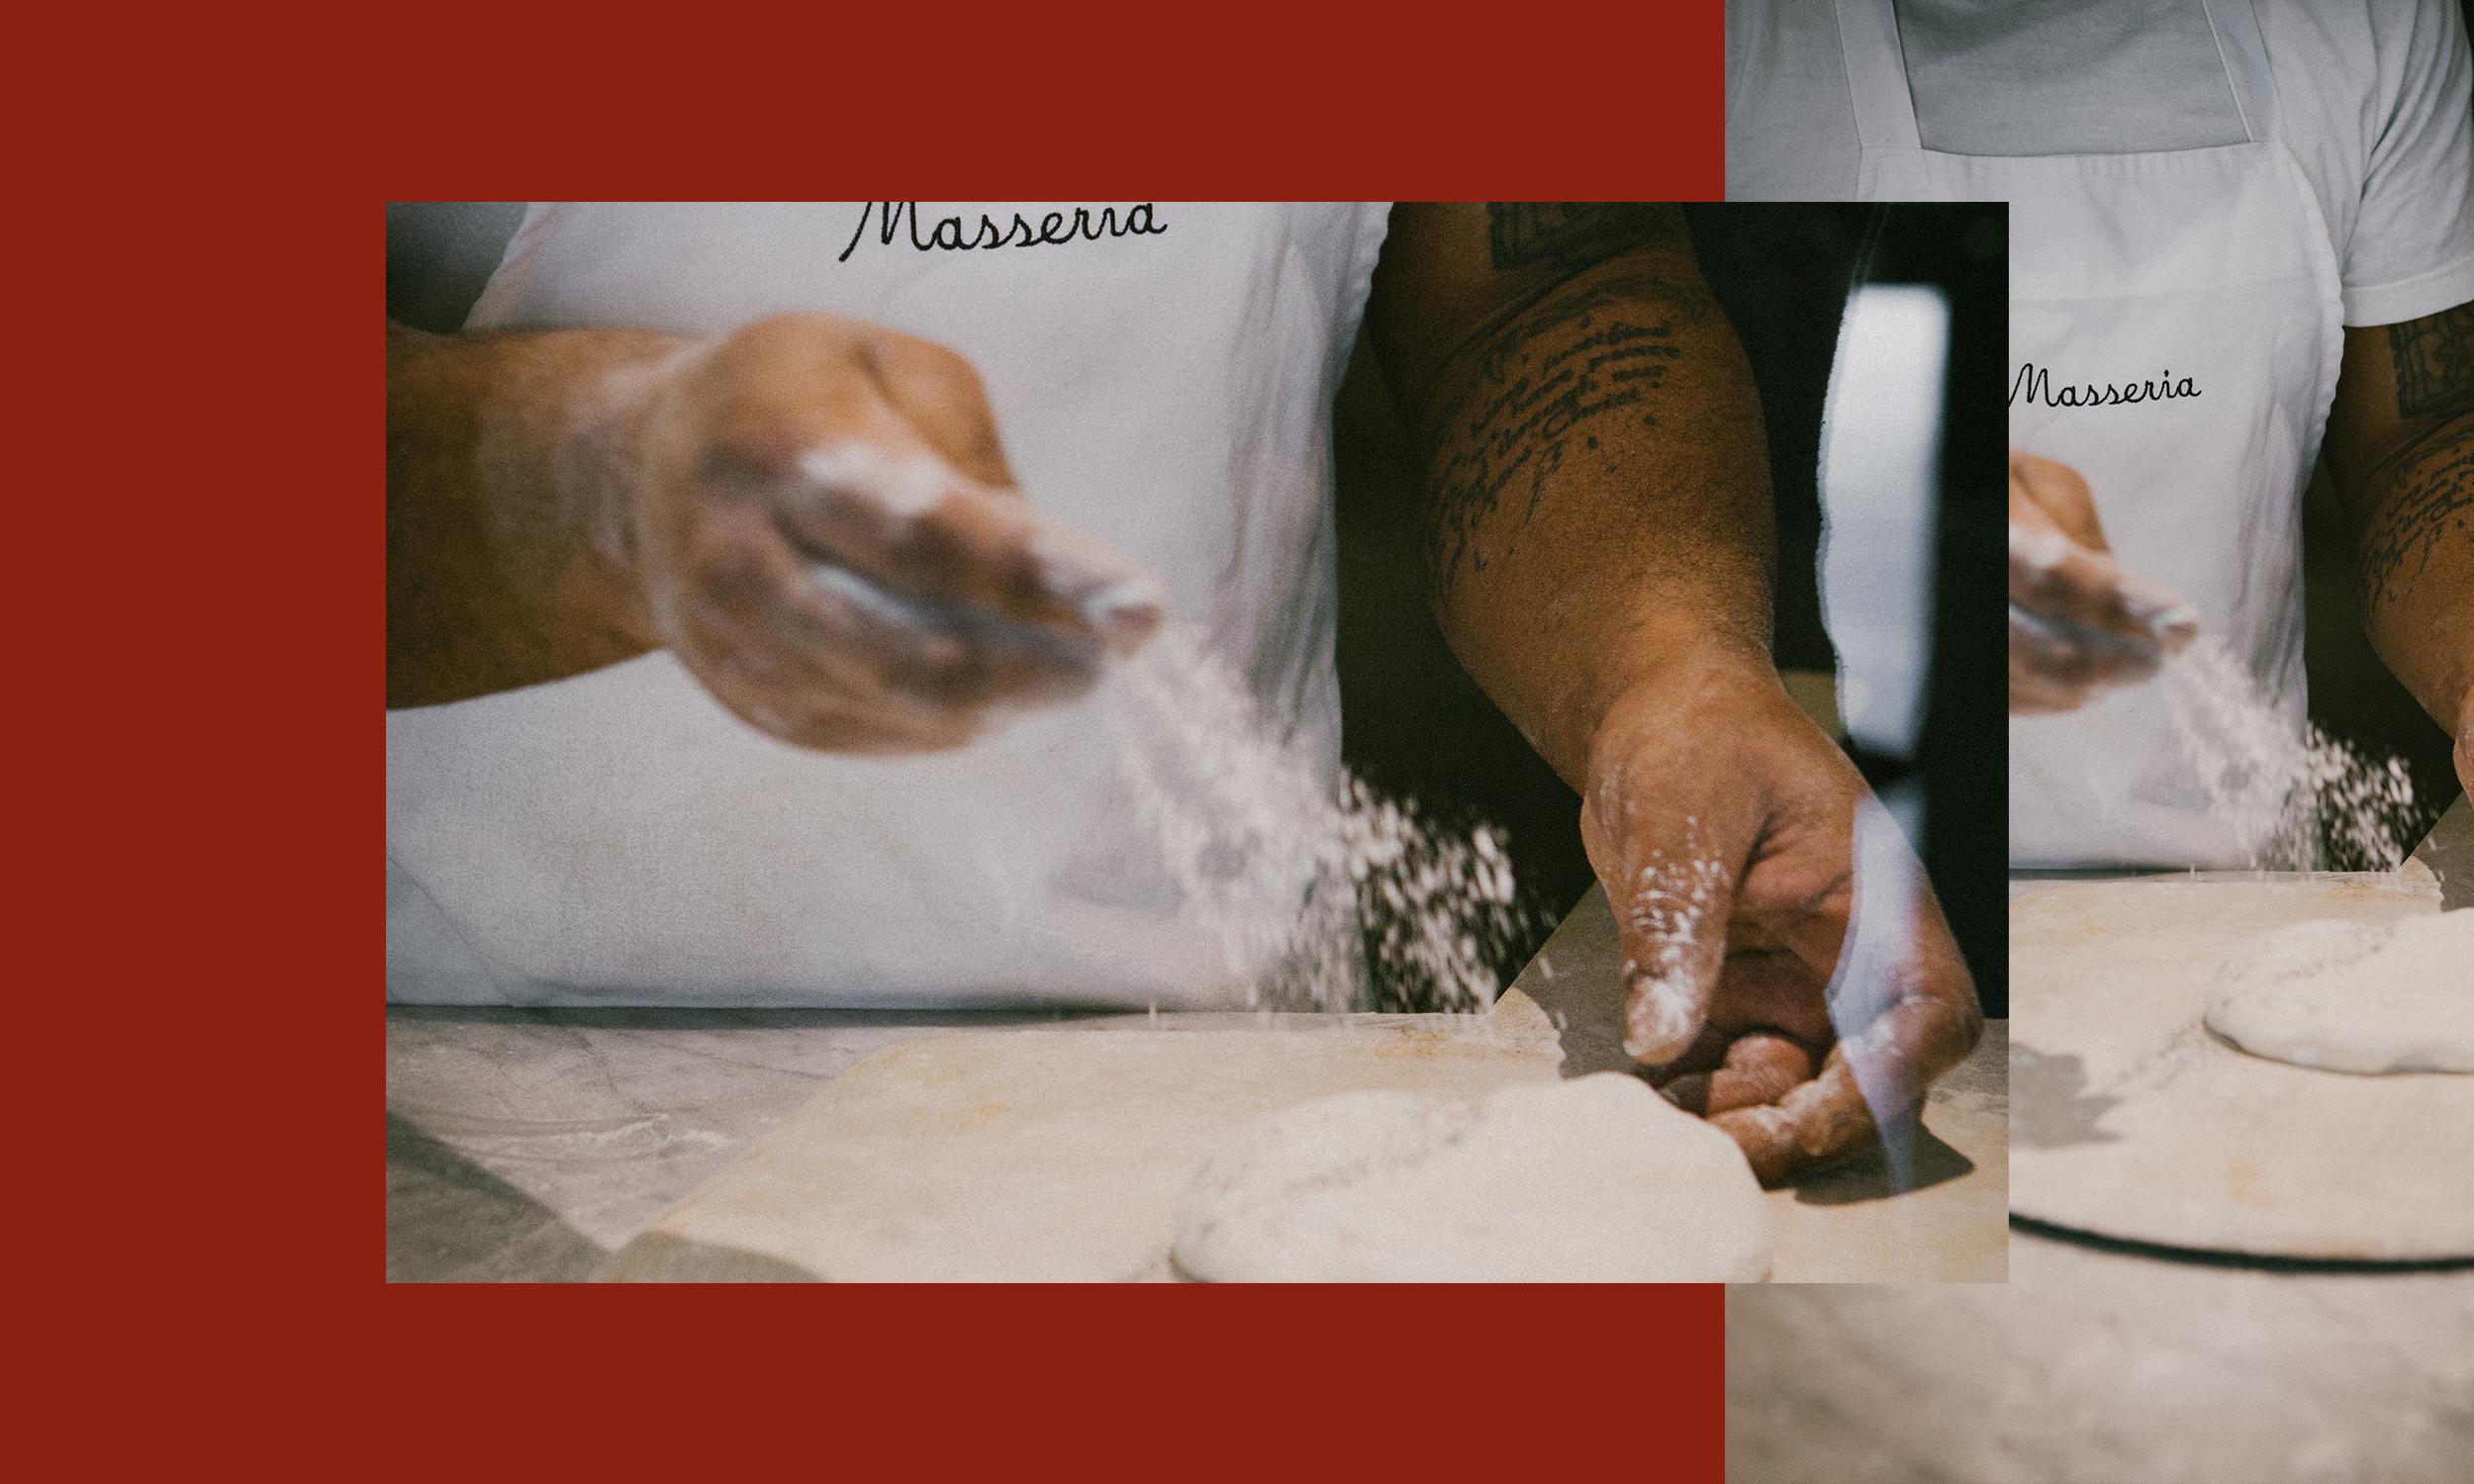 Masseria1.jpg